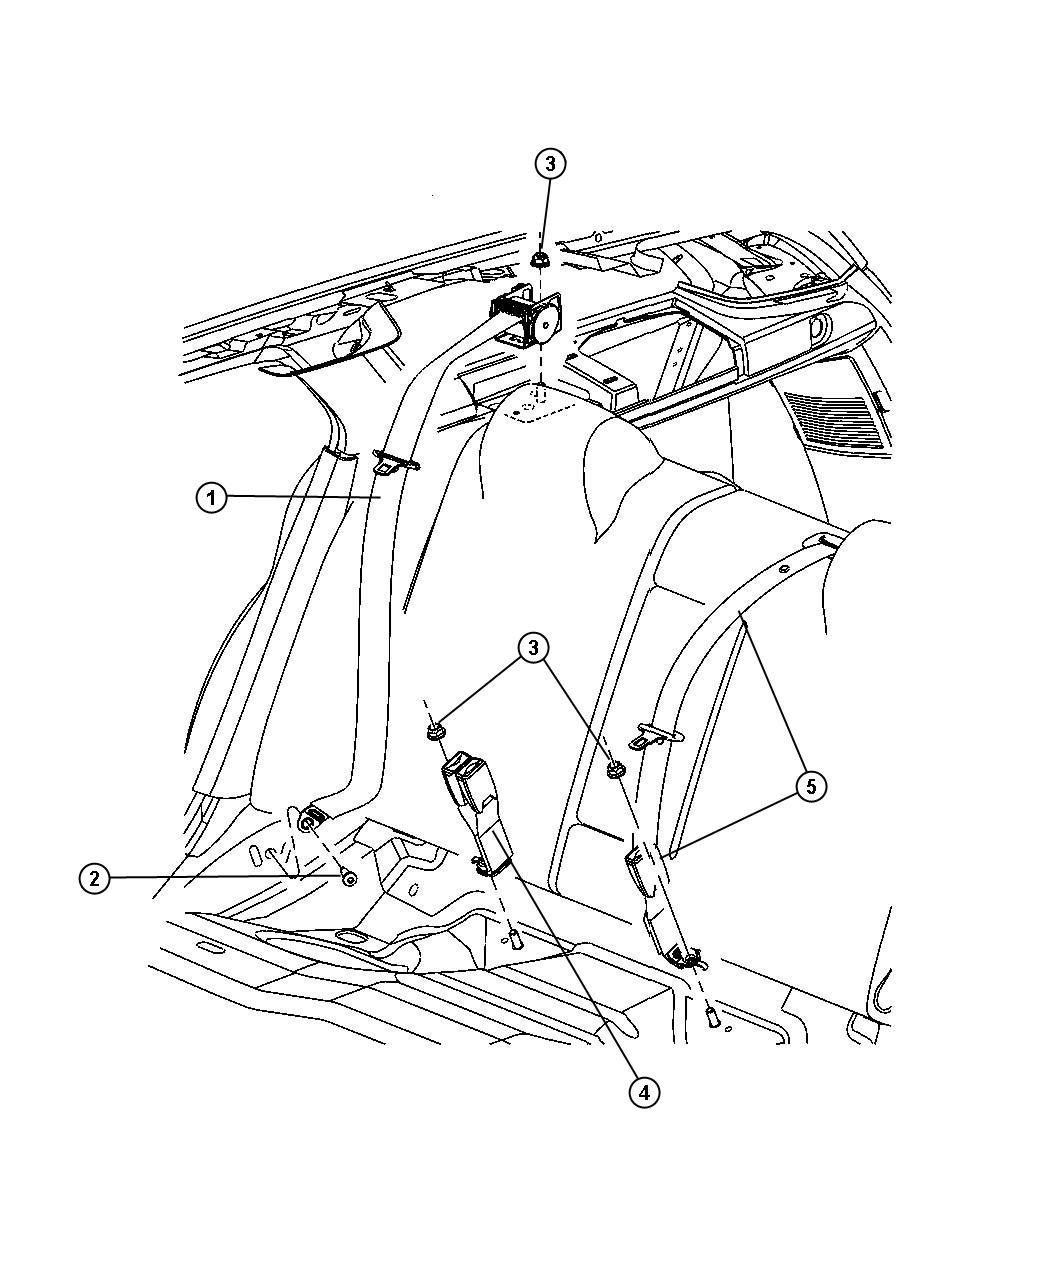 2006 Dodge Magnum Seat belt. Rear outer. [d1], [dv], [j1